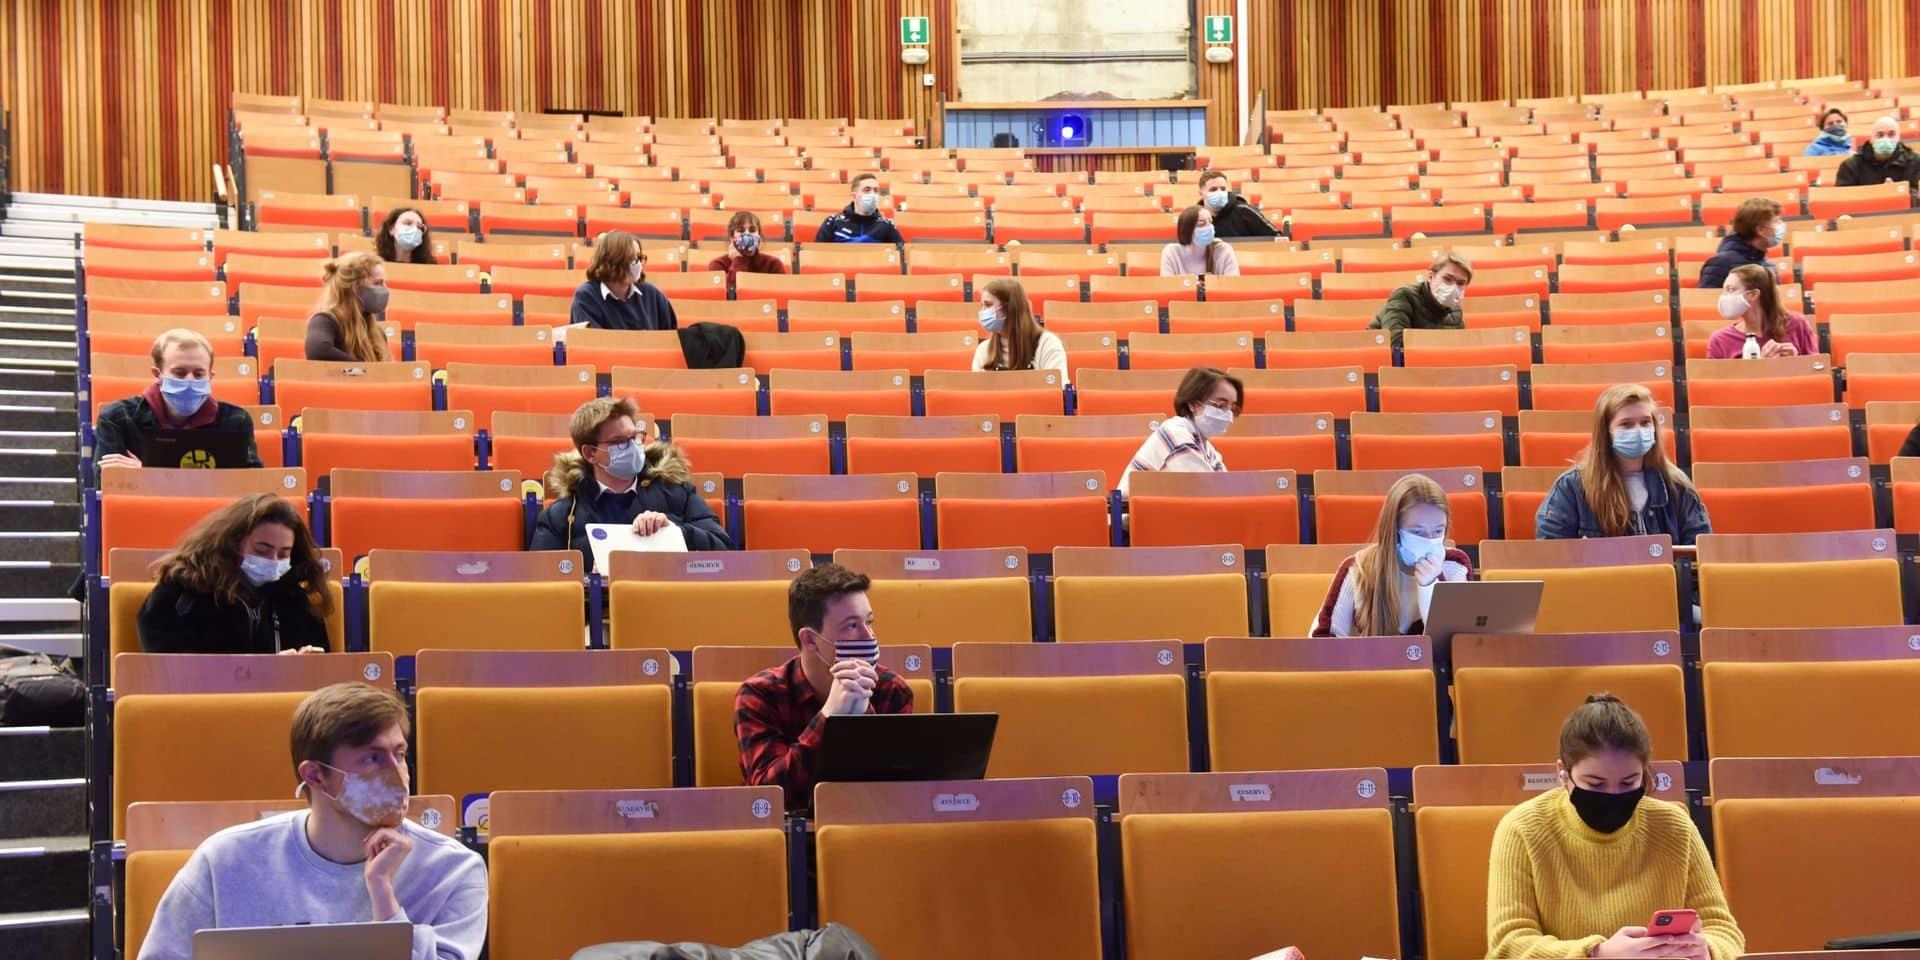 Les étudiants de l'enseignement supérieur reviennent dans les auditoires, ce lundi, en code orange: maximum 20% des effectifs de chaque établissement peuvent être présents à la fois.